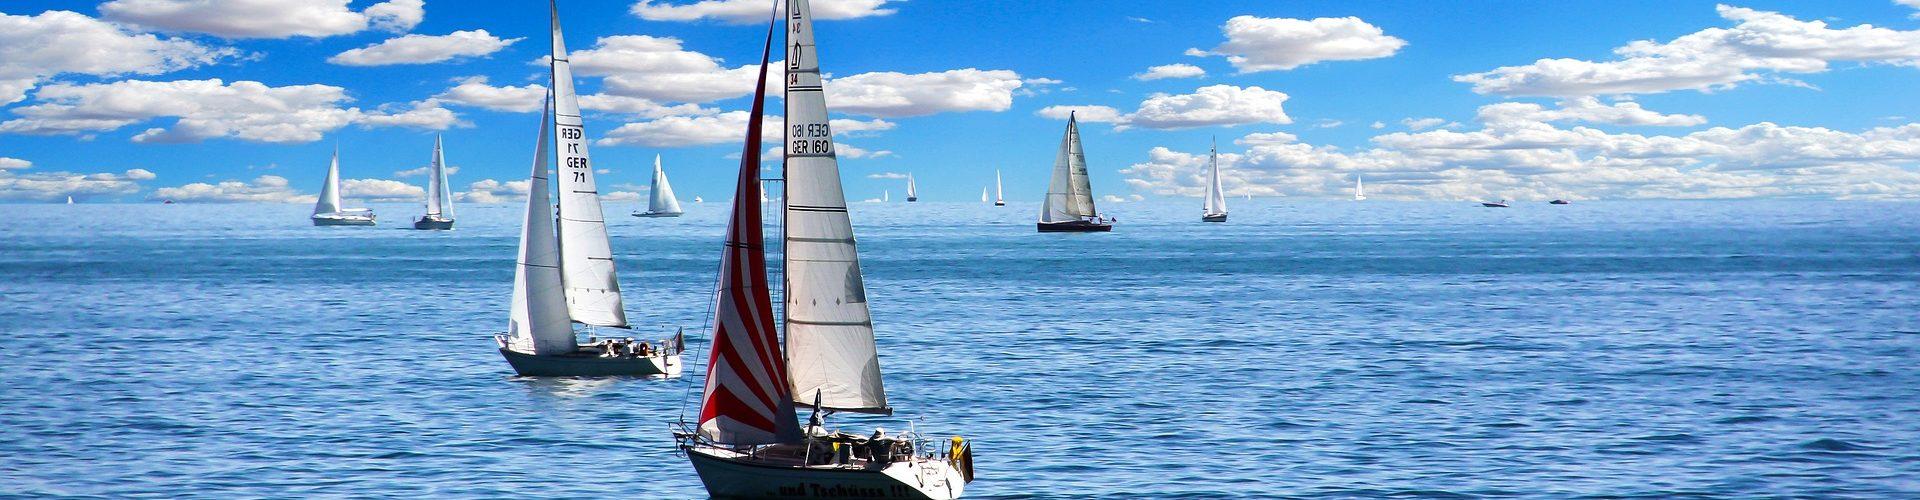 segeln lernen in SchwedtOder segelschein machen in SchwedtOder 1920x500 - Segeln lernen in Schwedt/Oder